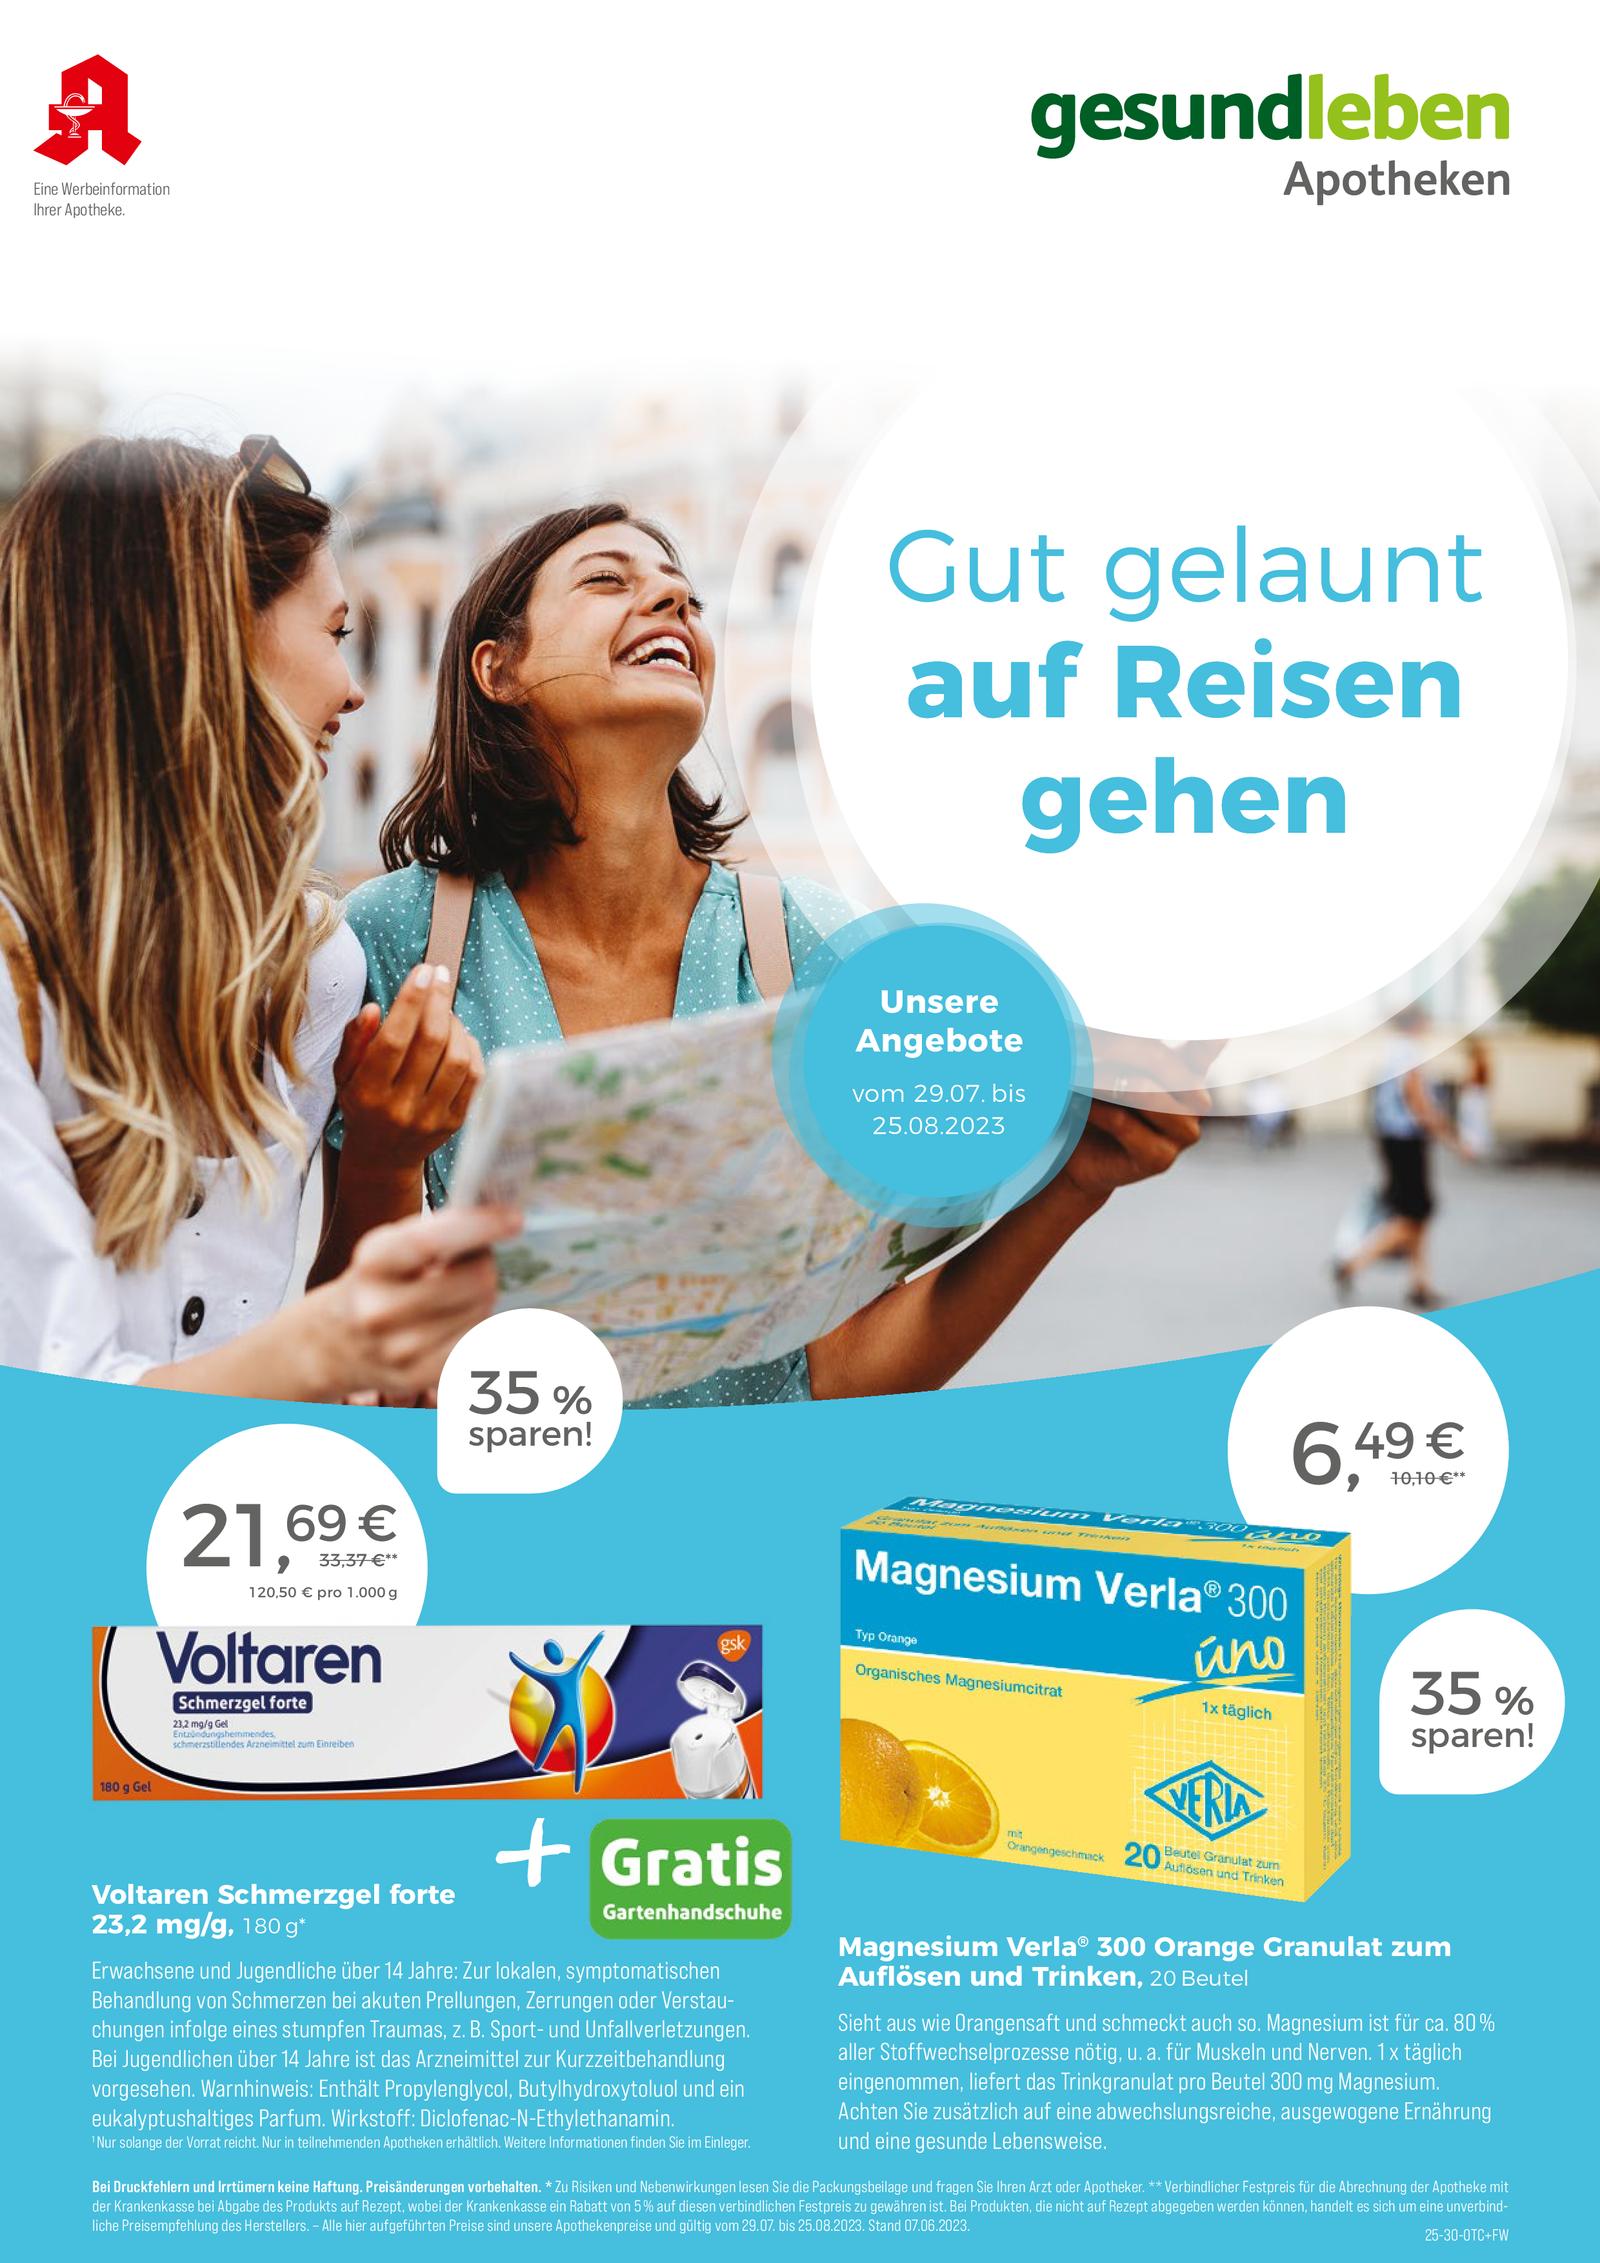 https://mein-uploads.apocdn.net/5790/leaflets/gesundleben_hoch-Seite1.png